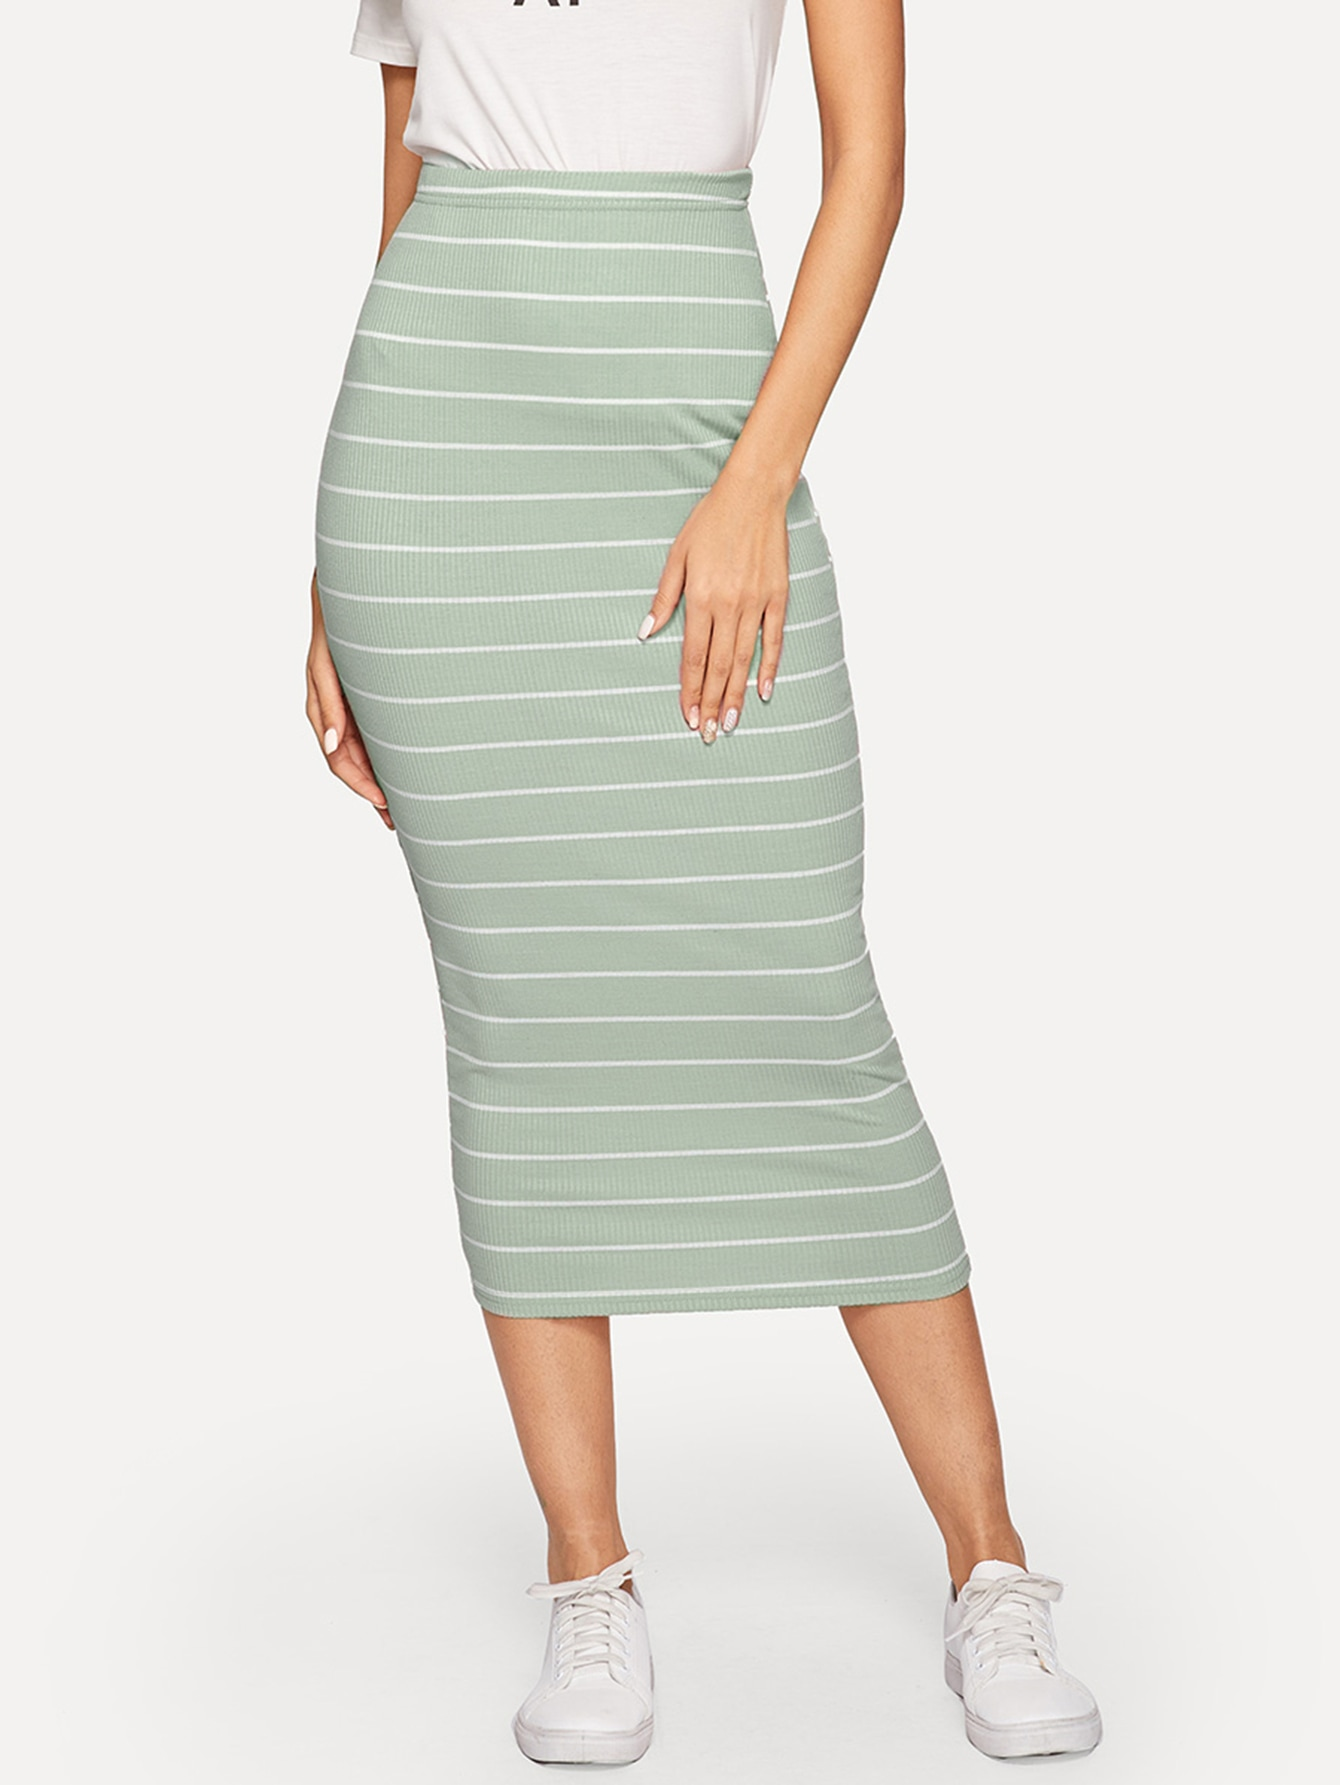 Фото - Вязаная ребристая юбка с высокой талией и полосой от SheIn синего цвета